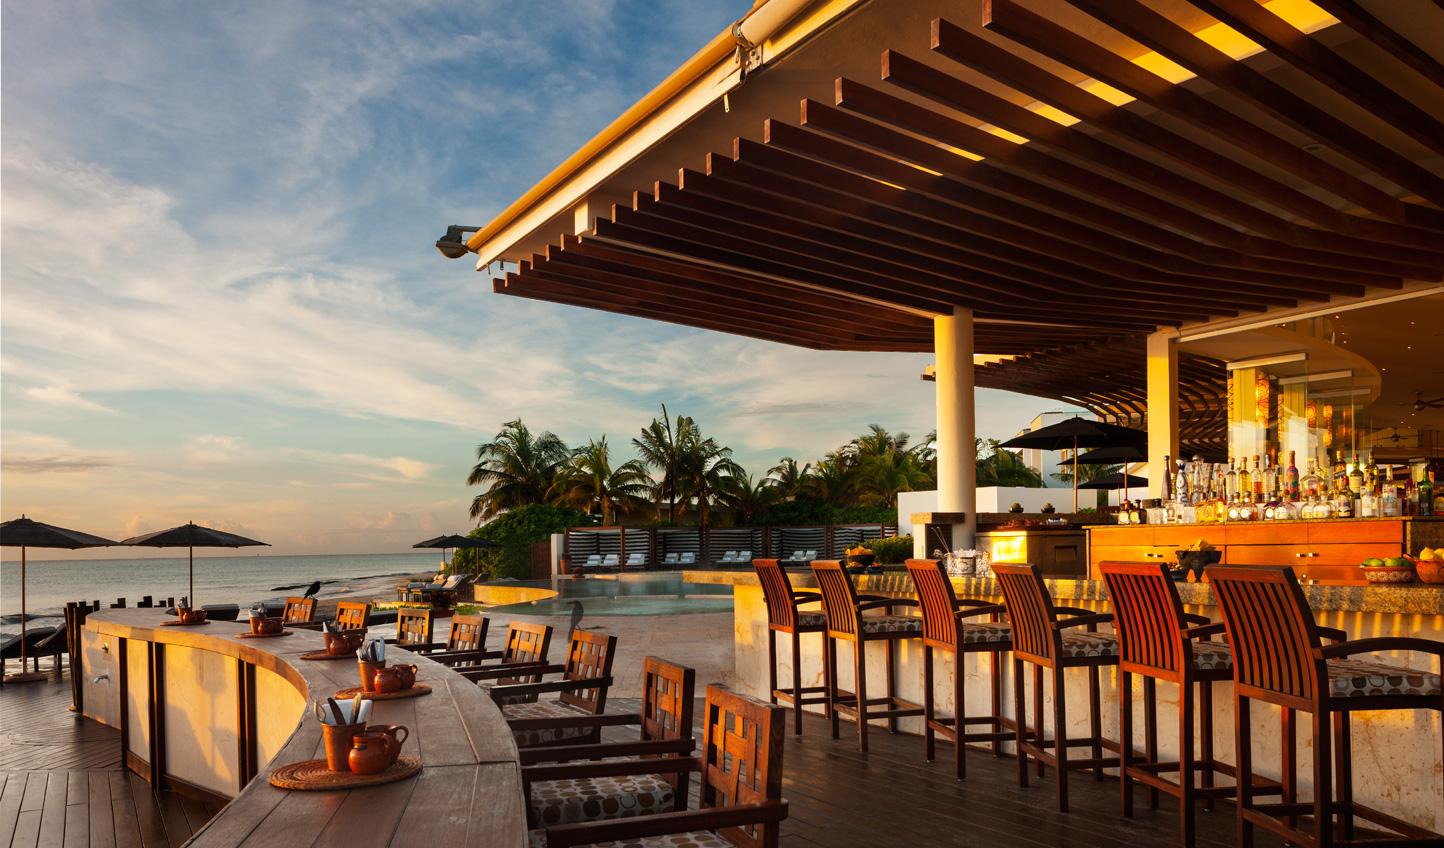 Sip cocktails while the sun sets at Punta Bonita